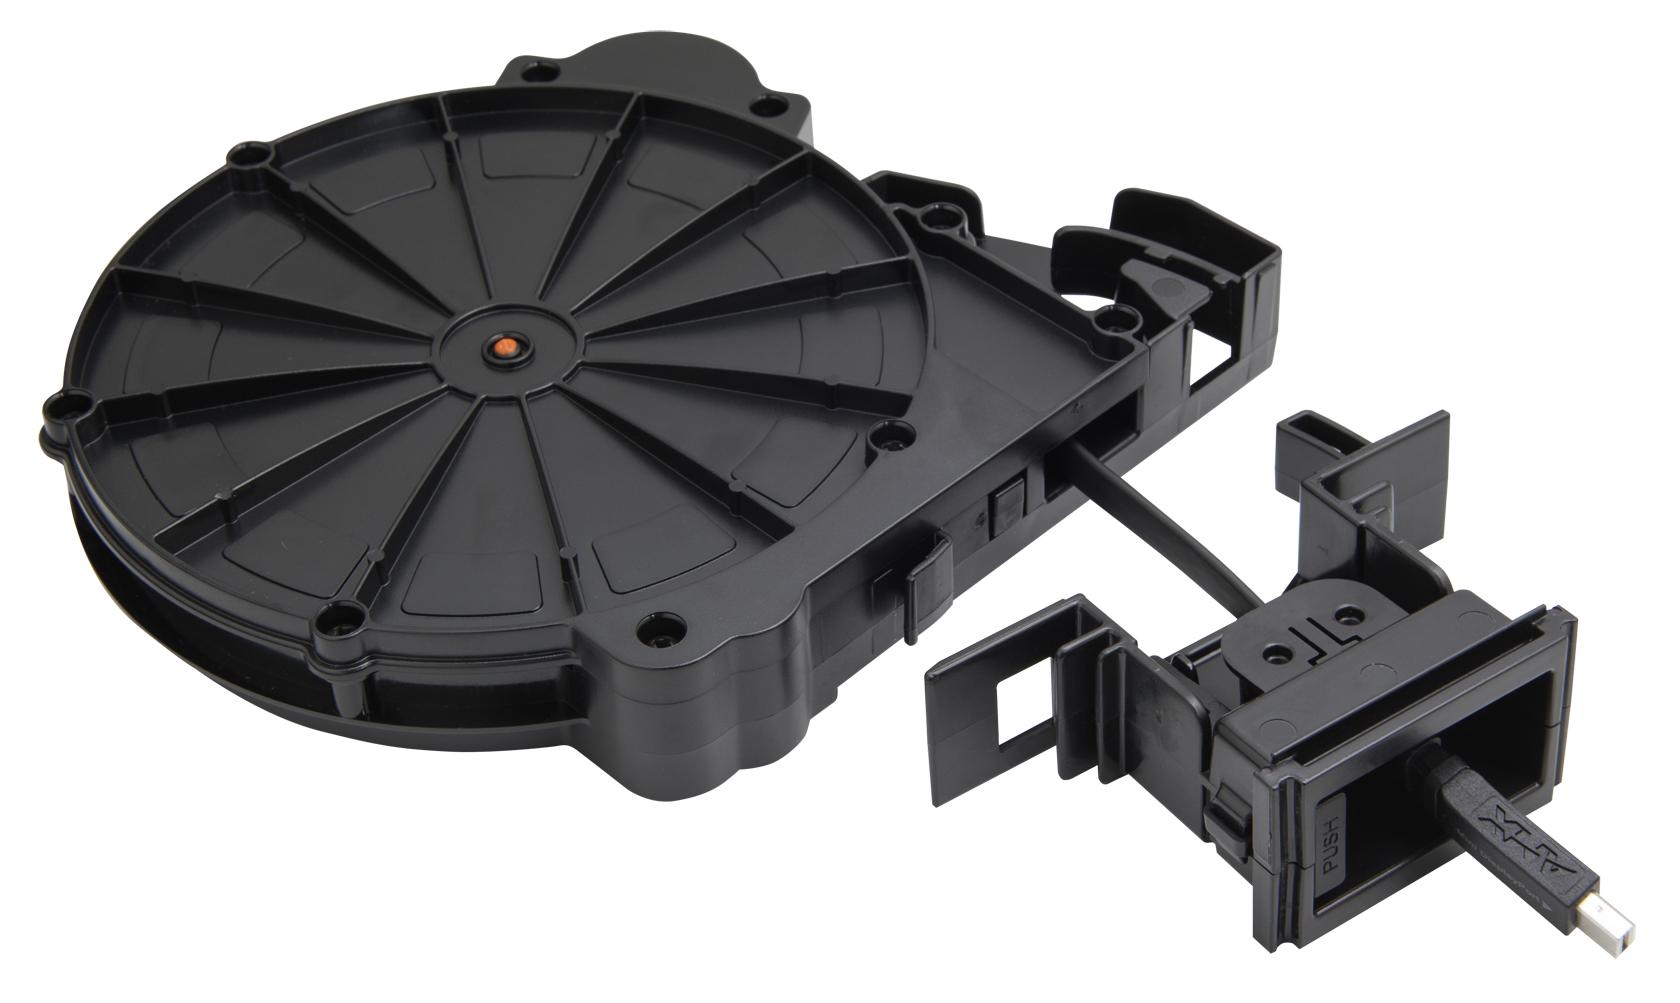 AMX HPX-AV102A-MDP-R 1.52 m Mini DisplayPort DisplayPort Black